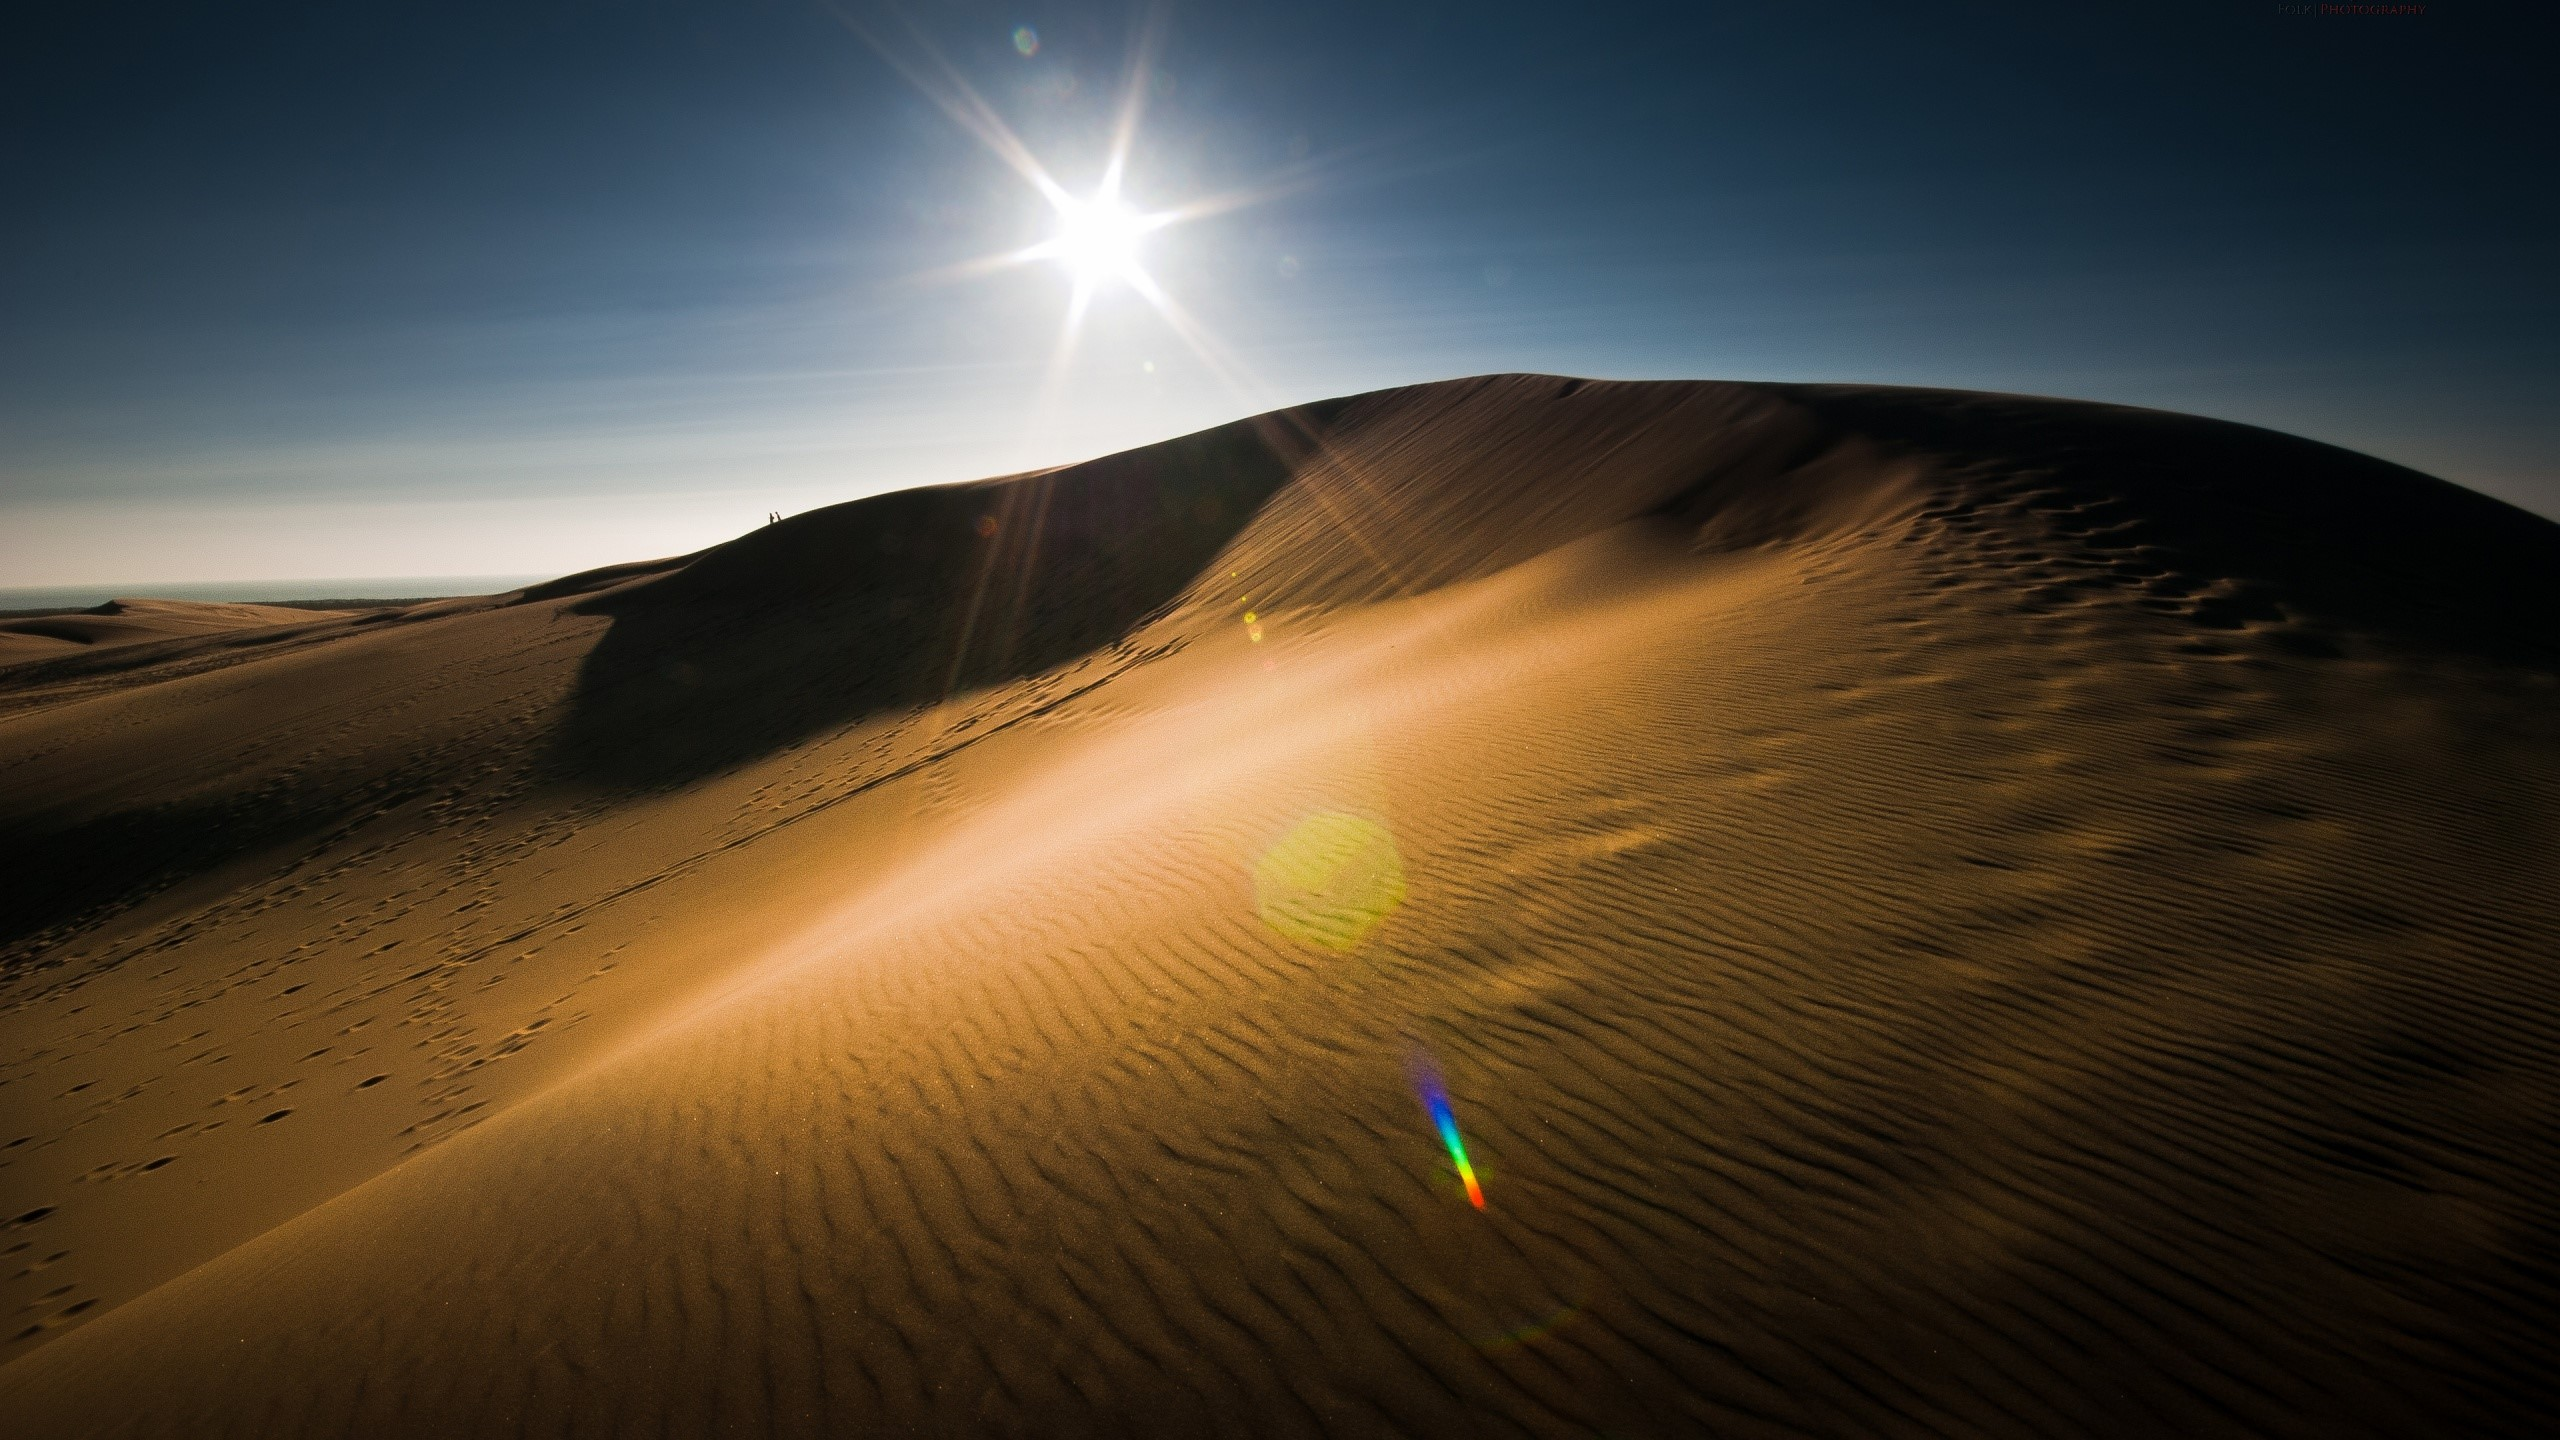 Wallpaper The sun in the desert